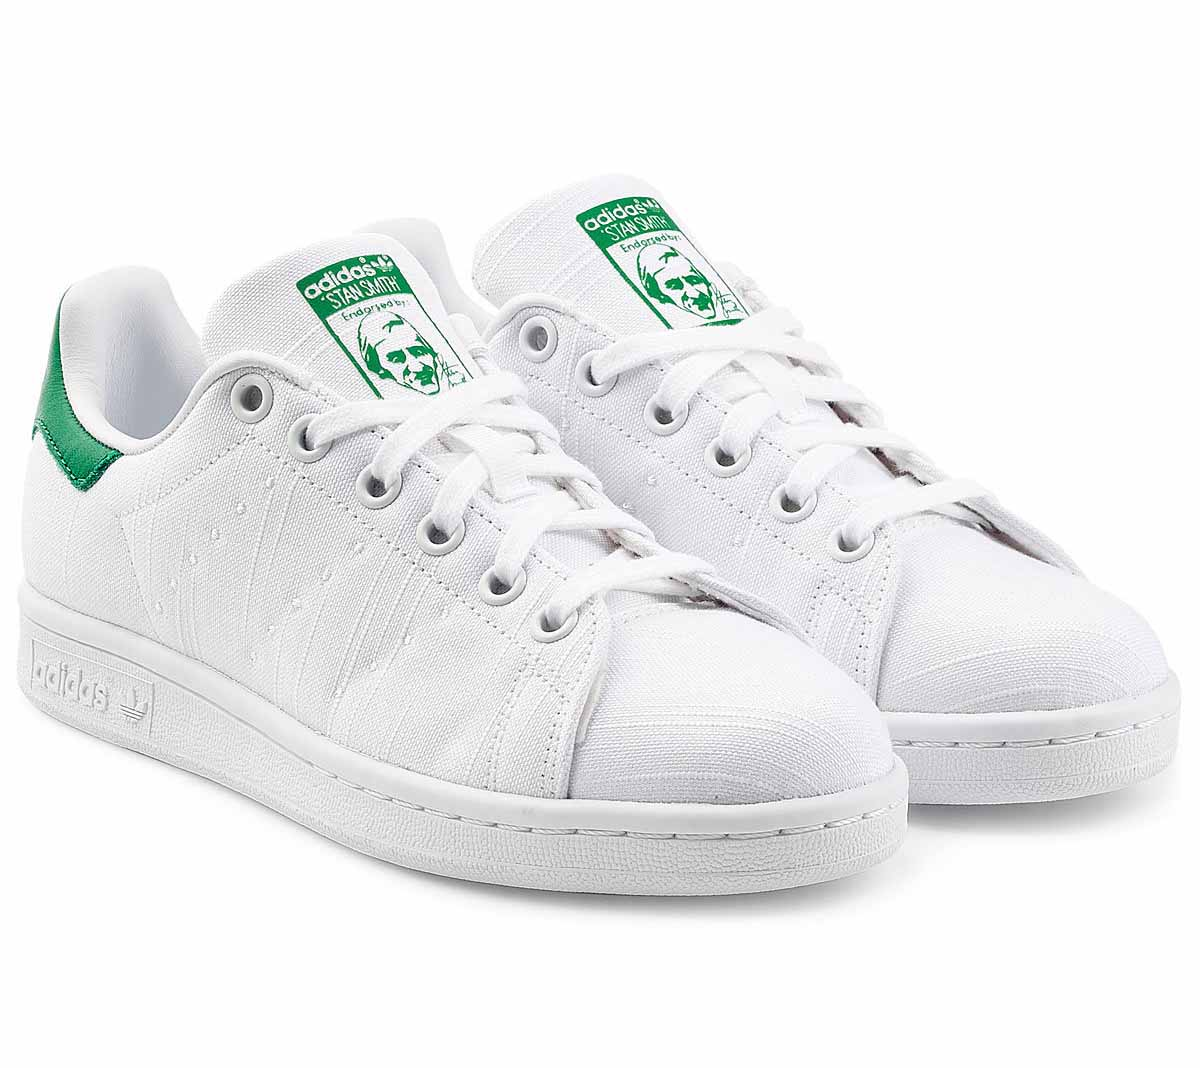 koleksi model jenis macam sepatu adidas stan smith tenis olahraga original 100% asli palsu kw super premium beli di mana berapa harga jual beli olshop online shopping terbaru toko bagus awet tahan lama bahan ukuran kekinian ngehits kece instagram ig